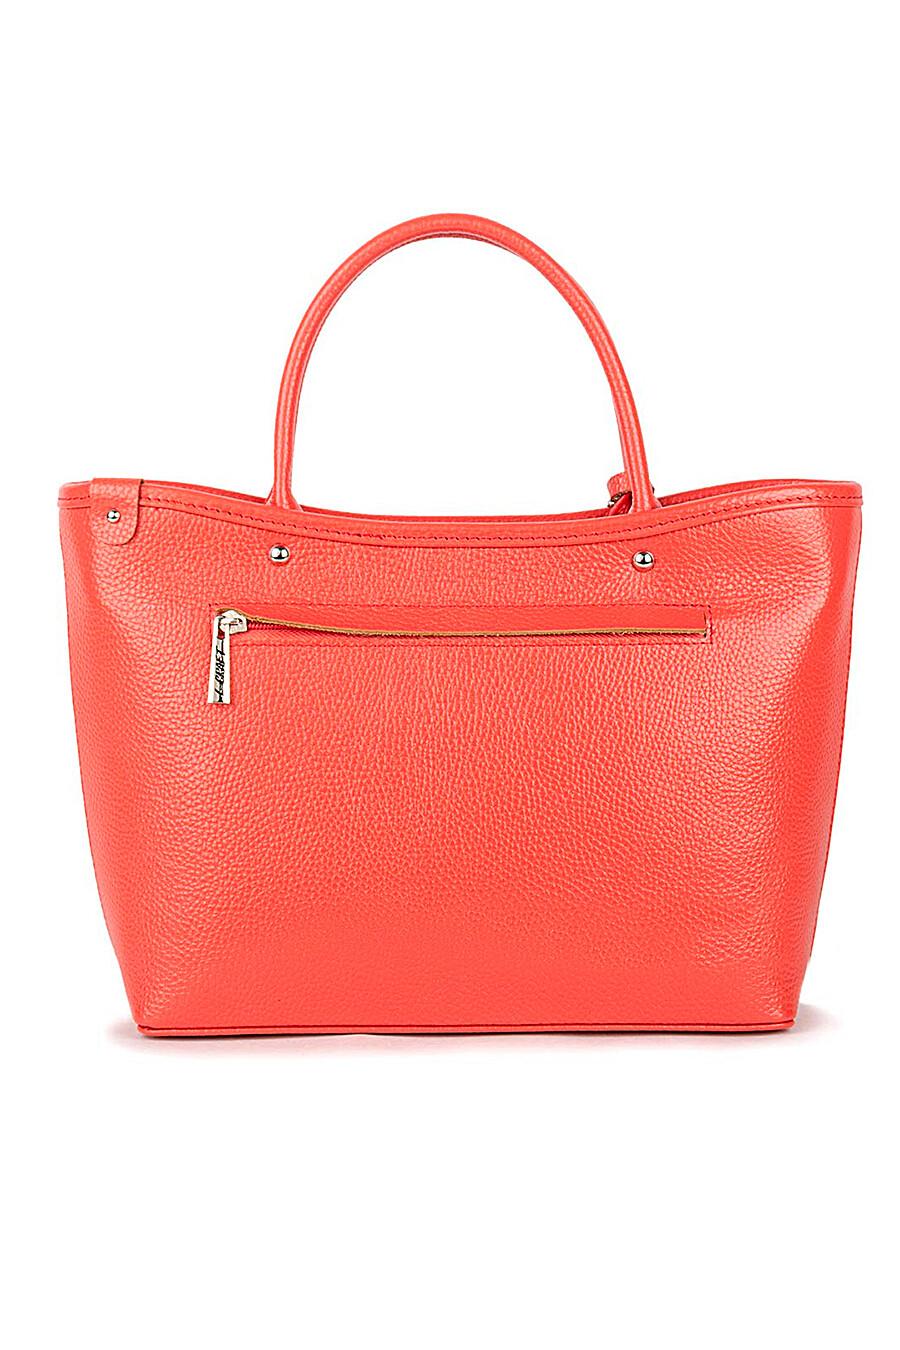 Сумка для женщин L-CRAFT 667905 купить оптом от производителя. Совместная покупка женской одежды в OptMoyo